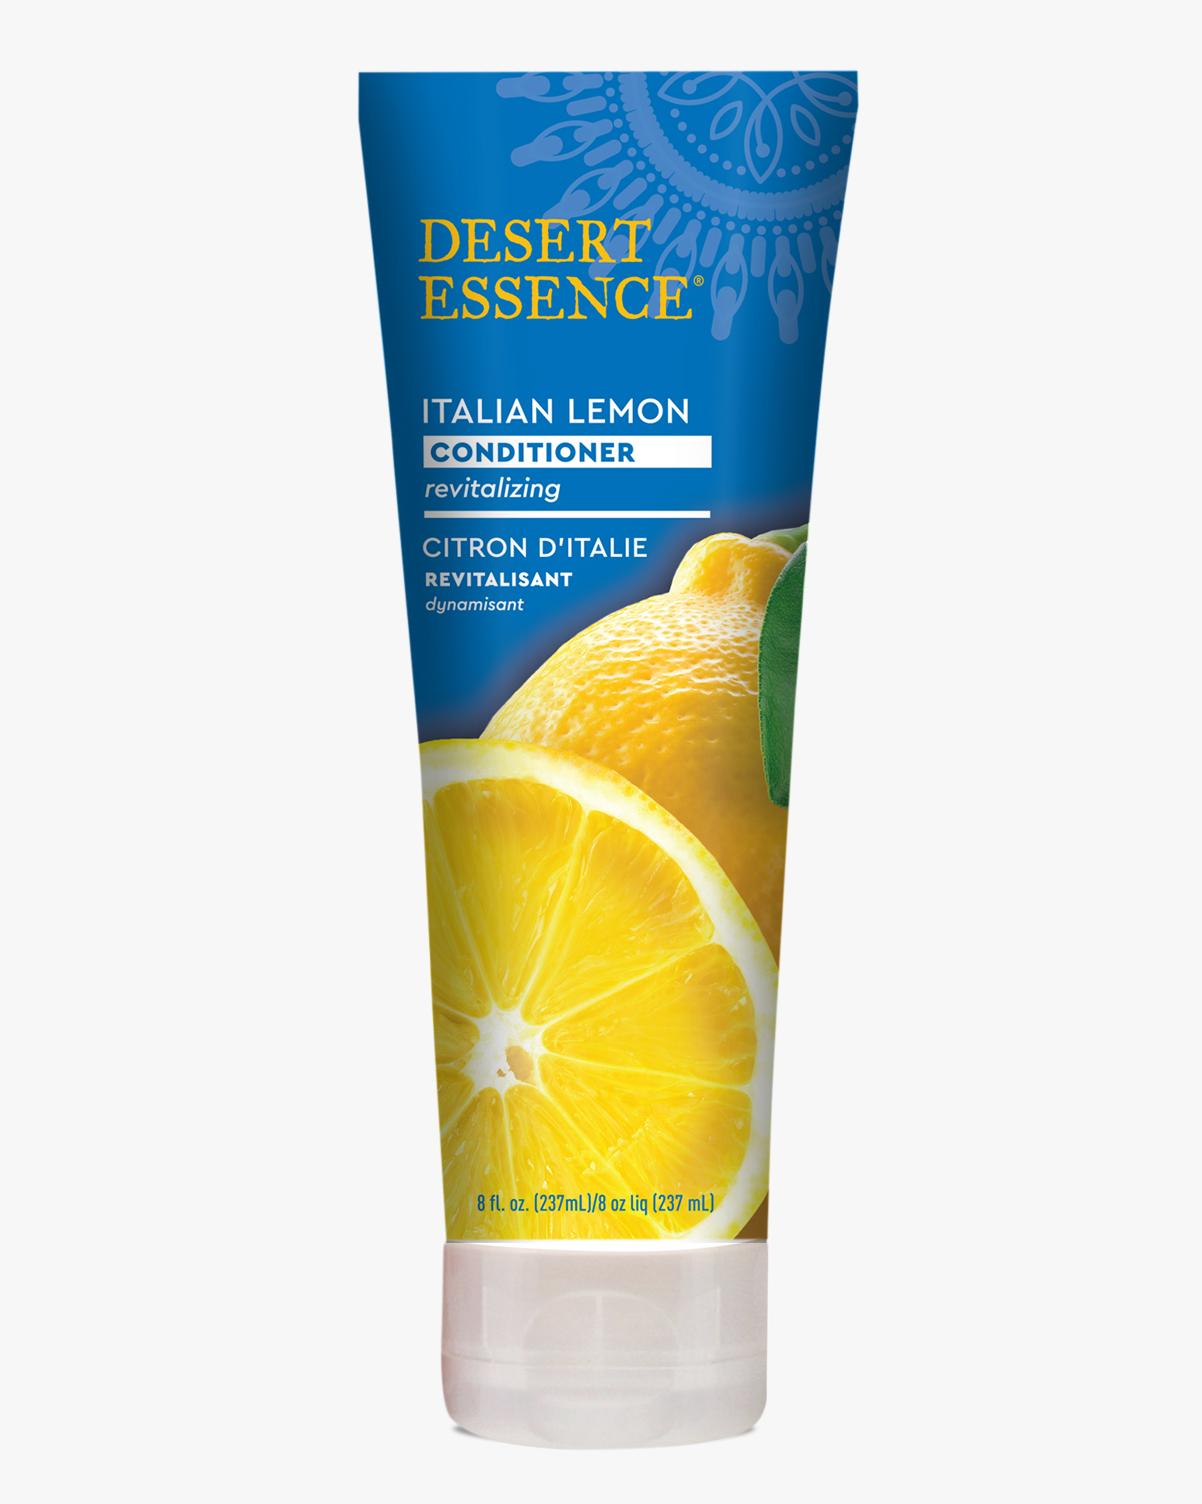 Desert Essence coupon: Desert Essence Italian Lemon Conditioner, 8 fl. oz. | Vegan | Gluten-Free